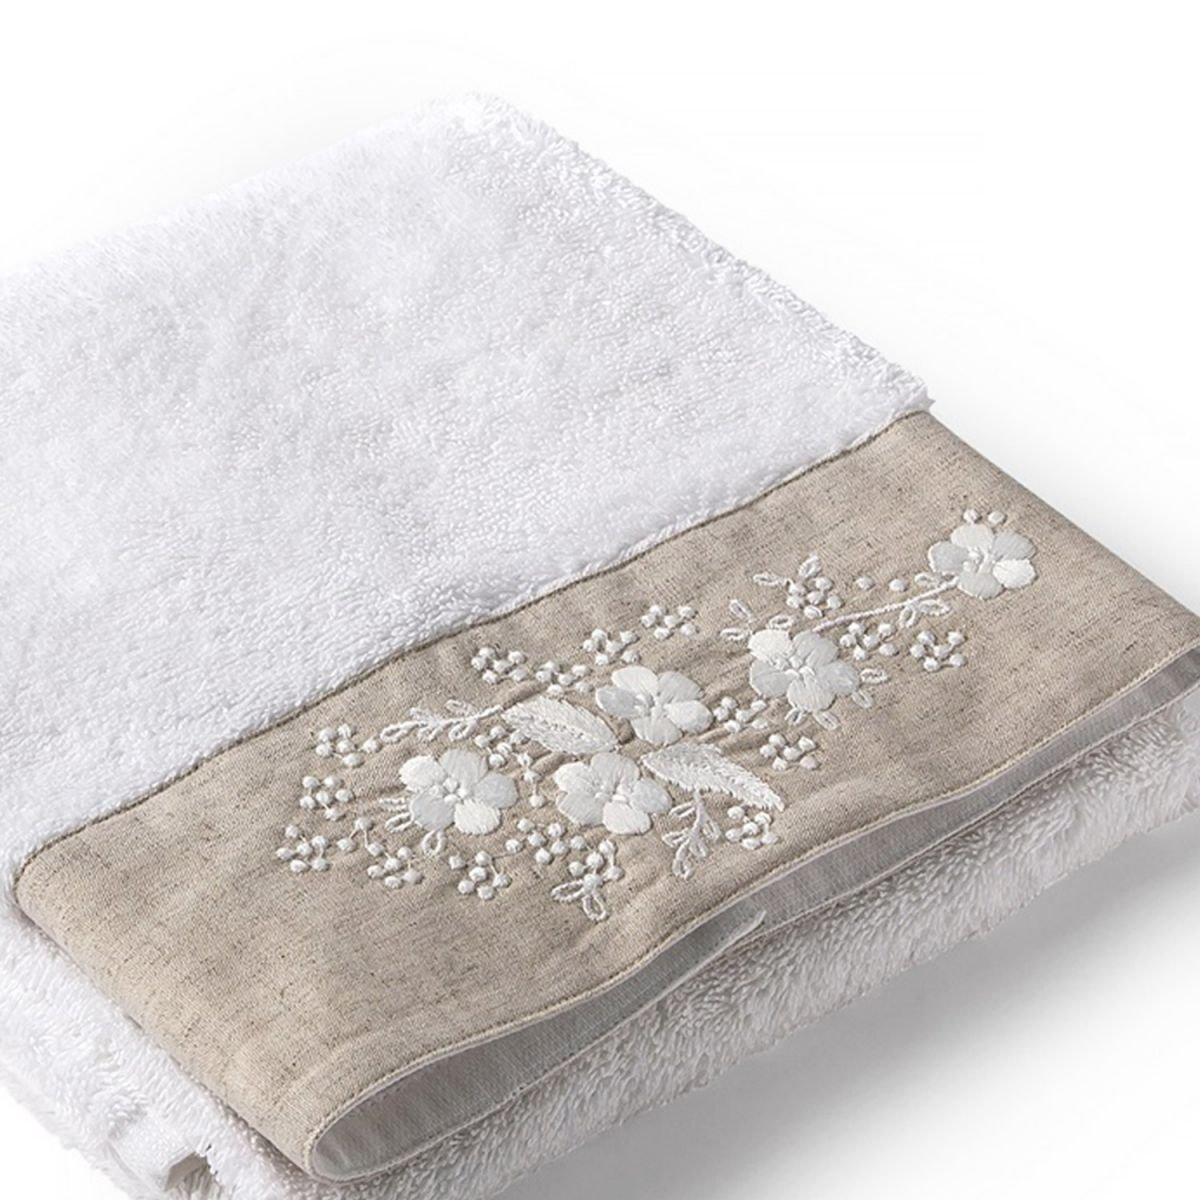 Tradition des Vosges Drap de Bain Serviette de Douche Serviette de Toilette Bucolique 100/% Coton brod/é 50 x 90 cm Blanc